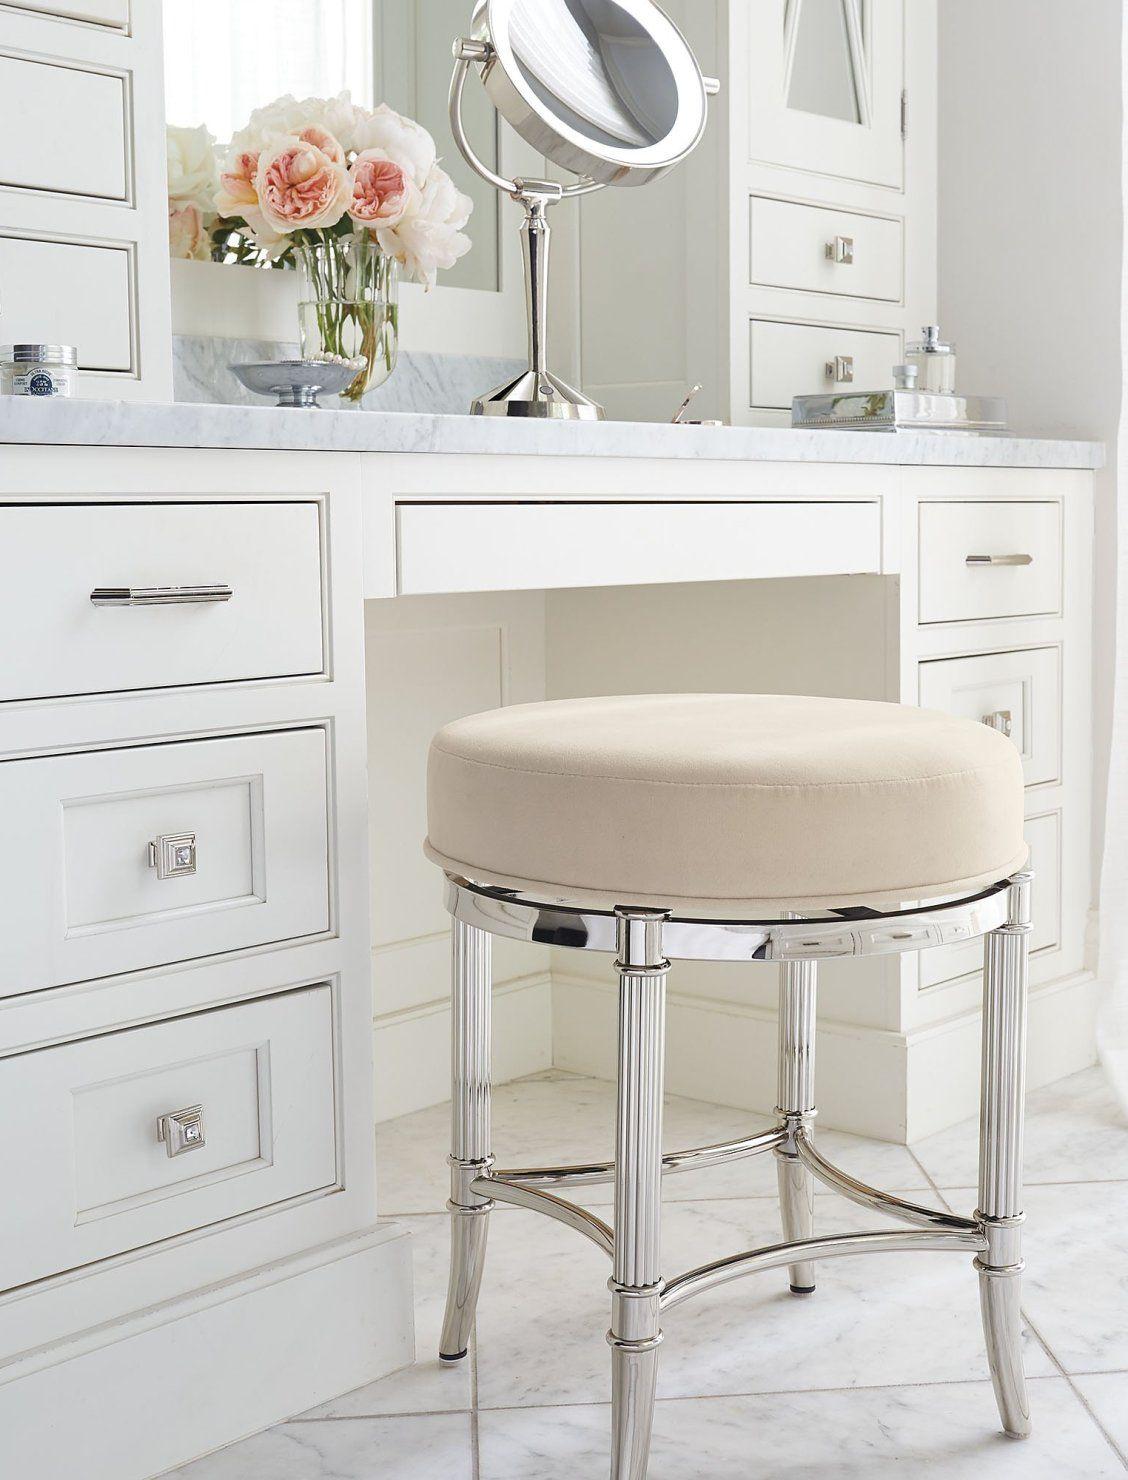 Bailey Swivel Vanity Stool Bathroom Vanity Stool Vanity Stool